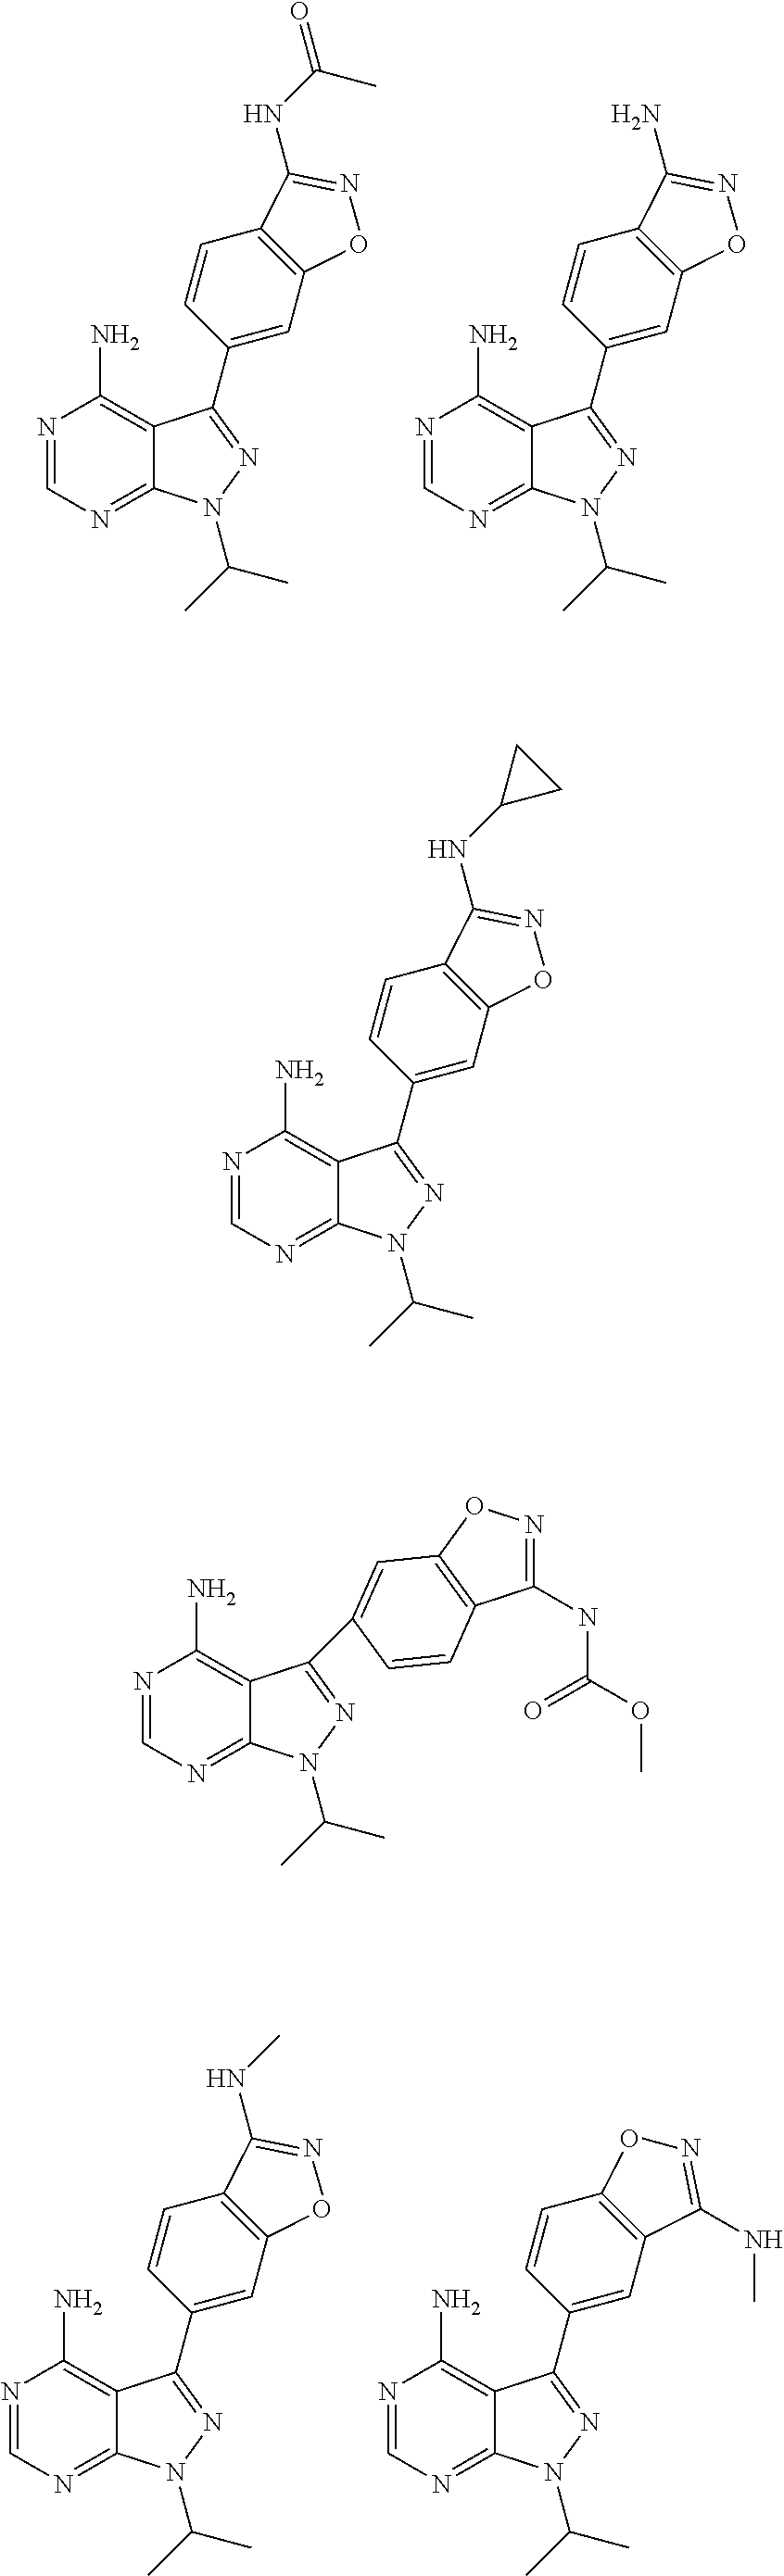 Figure US20160038497A1-20160211-C00357